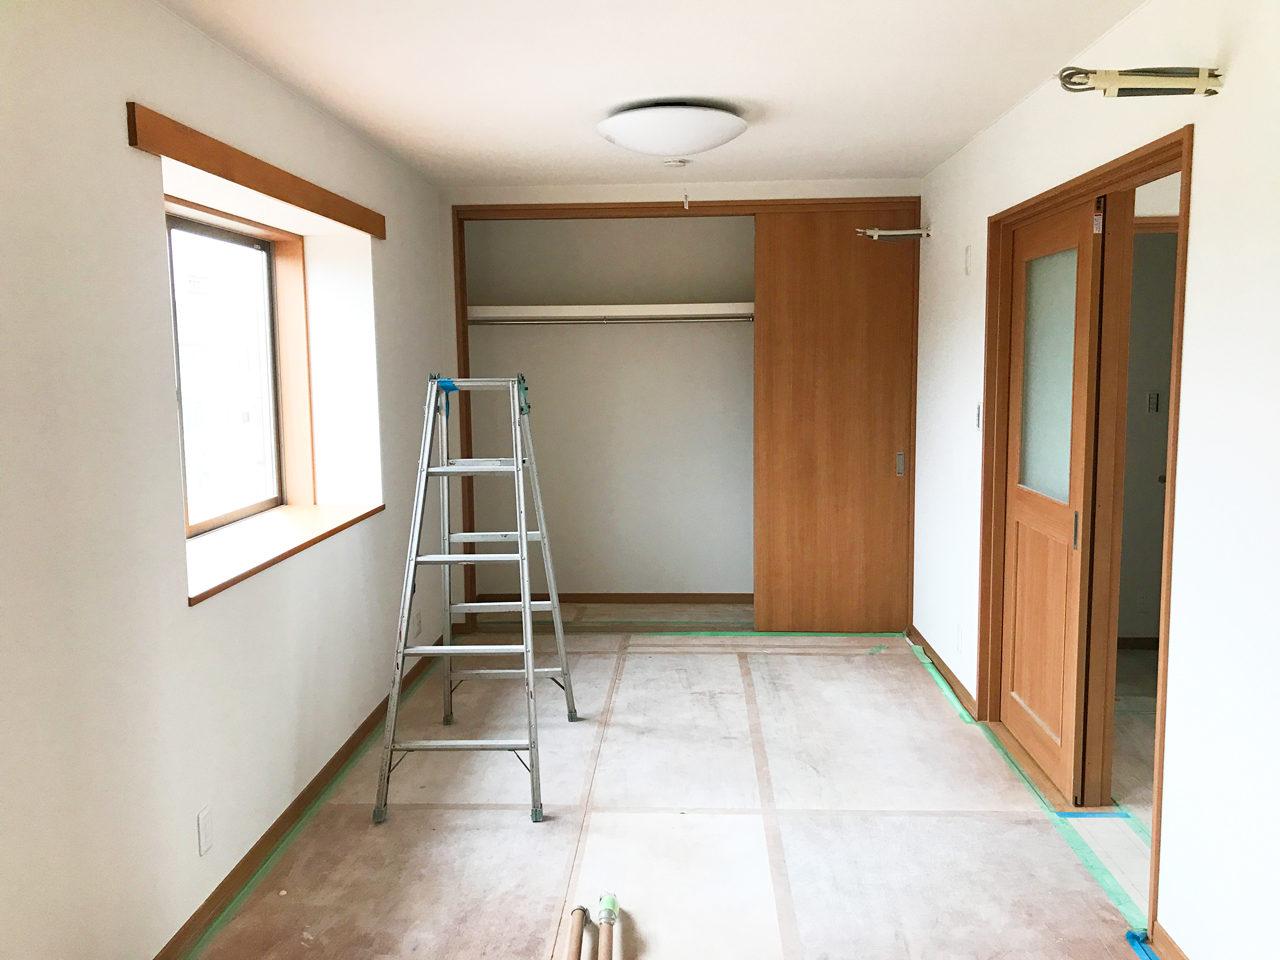 設計・デザインをした店舗(鍼灸接骨院)付き住宅の子供部屋